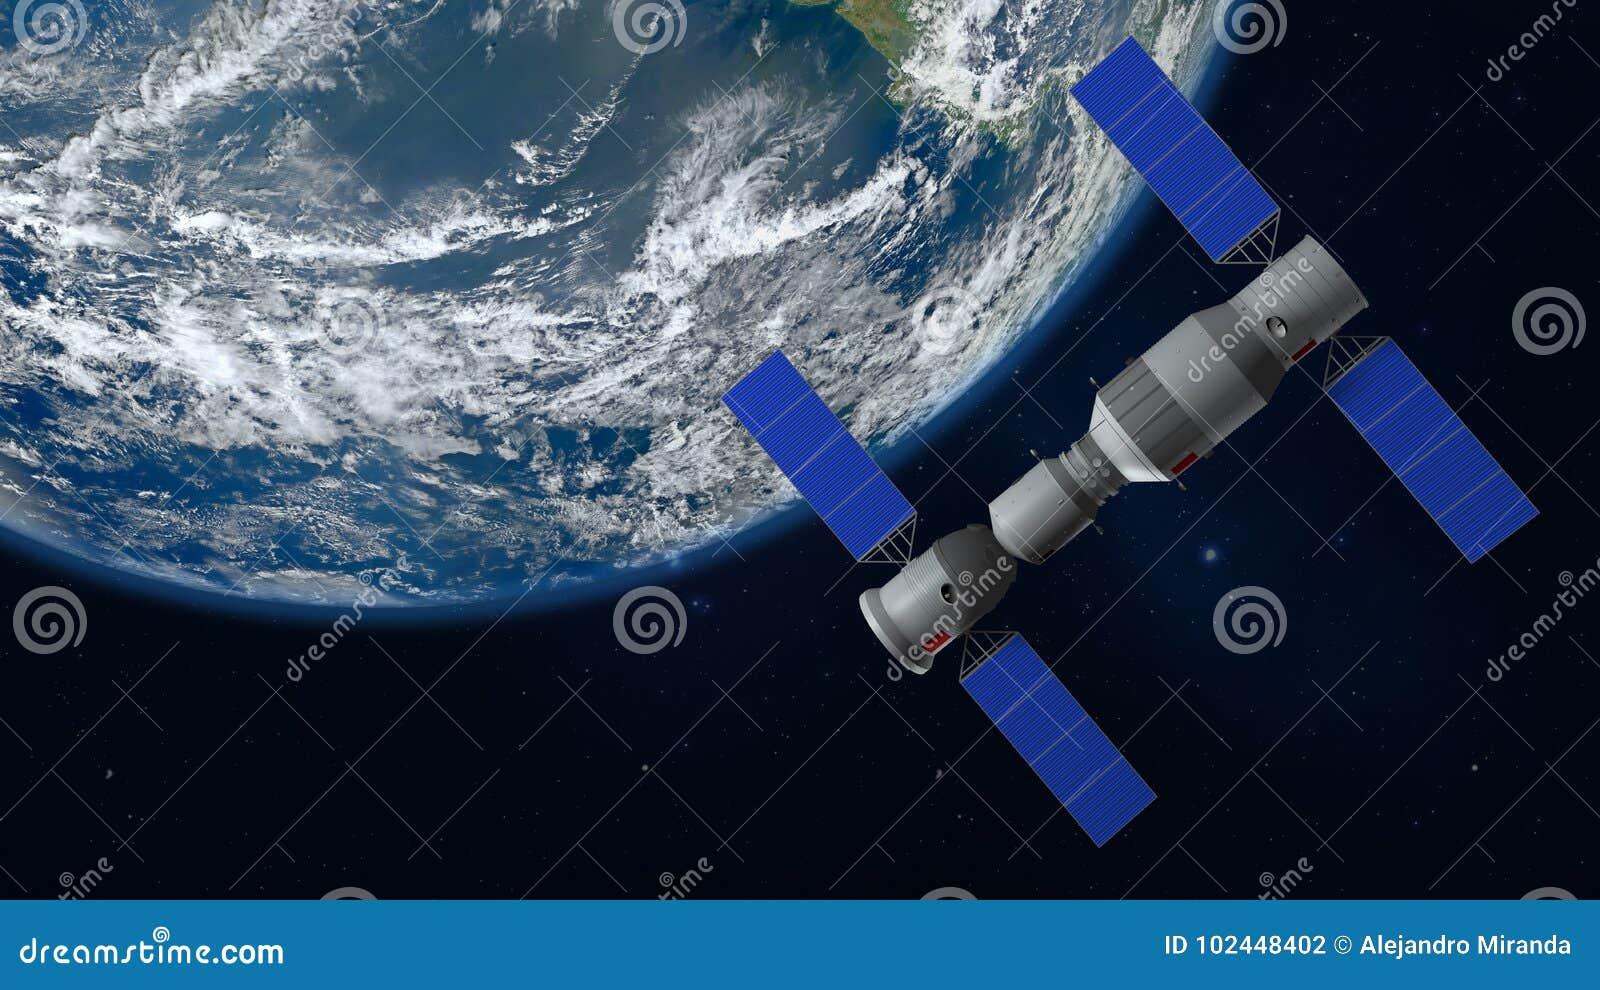 Modelo 3D de la estación espacial china Tiangong que está en órbita la tierra del planeta